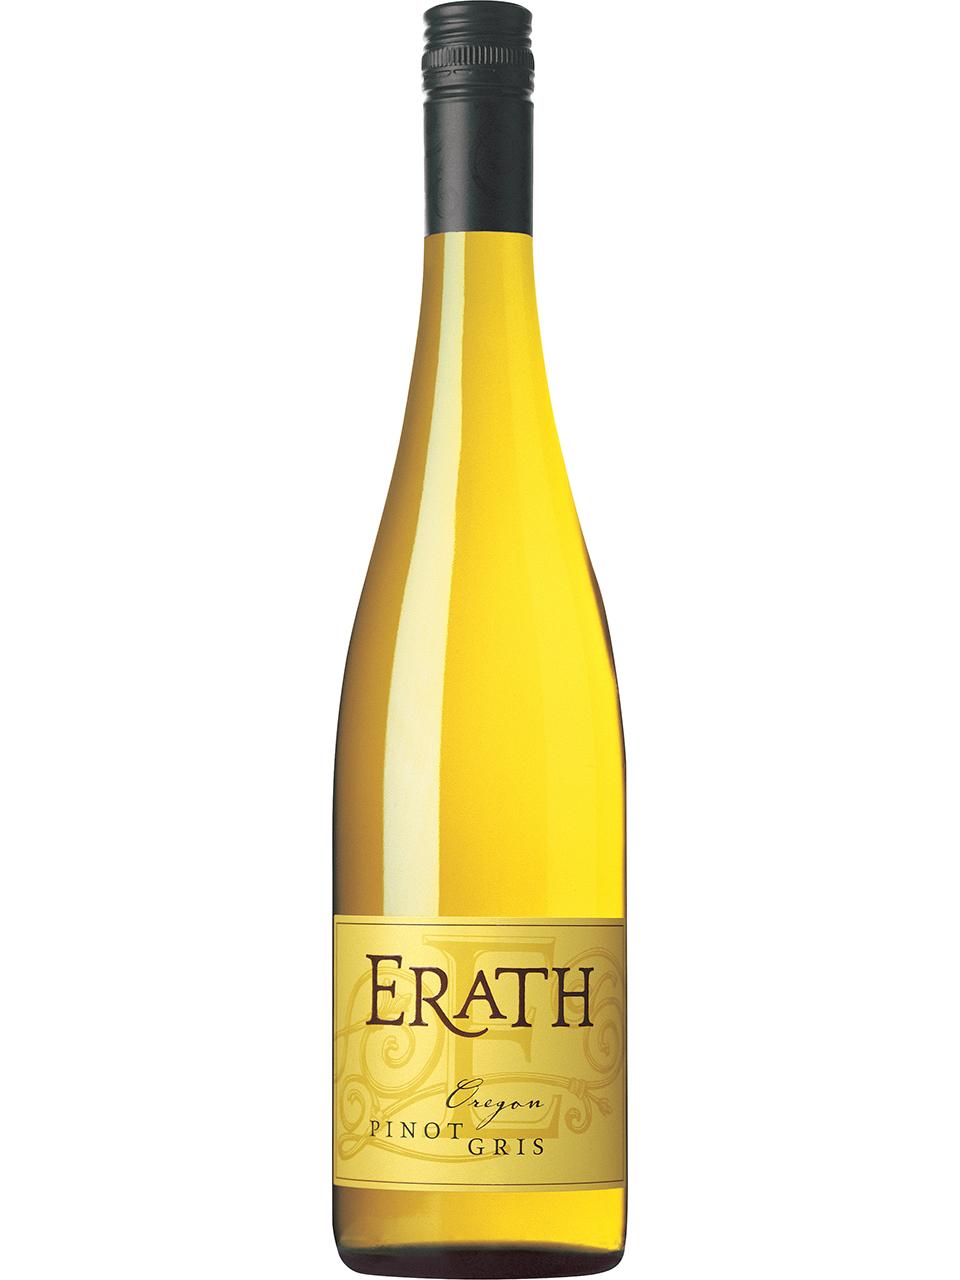 Erath Oregon Pinot Grigio